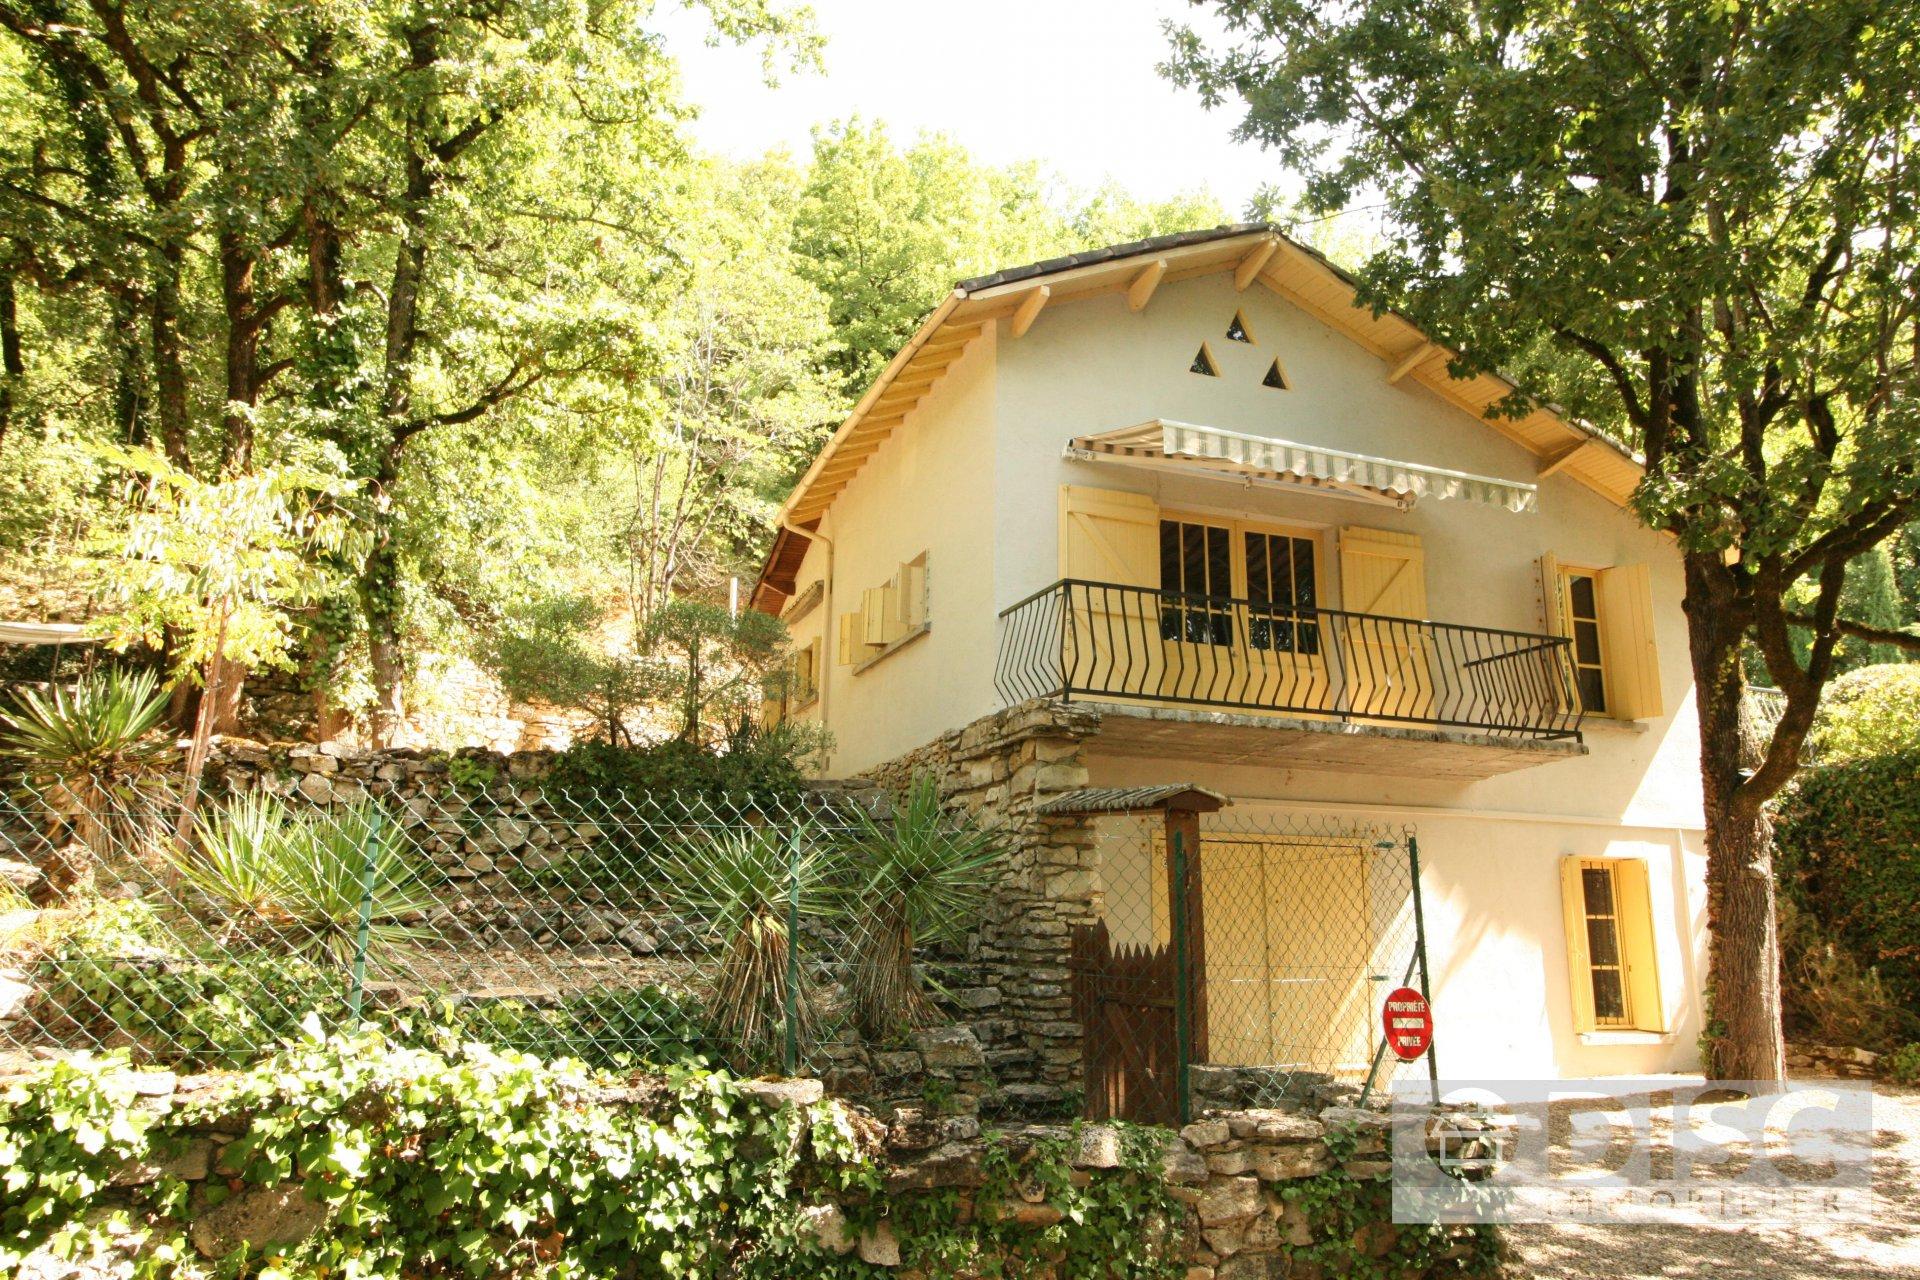 Belle maison avec jardin et accès à la rivière.